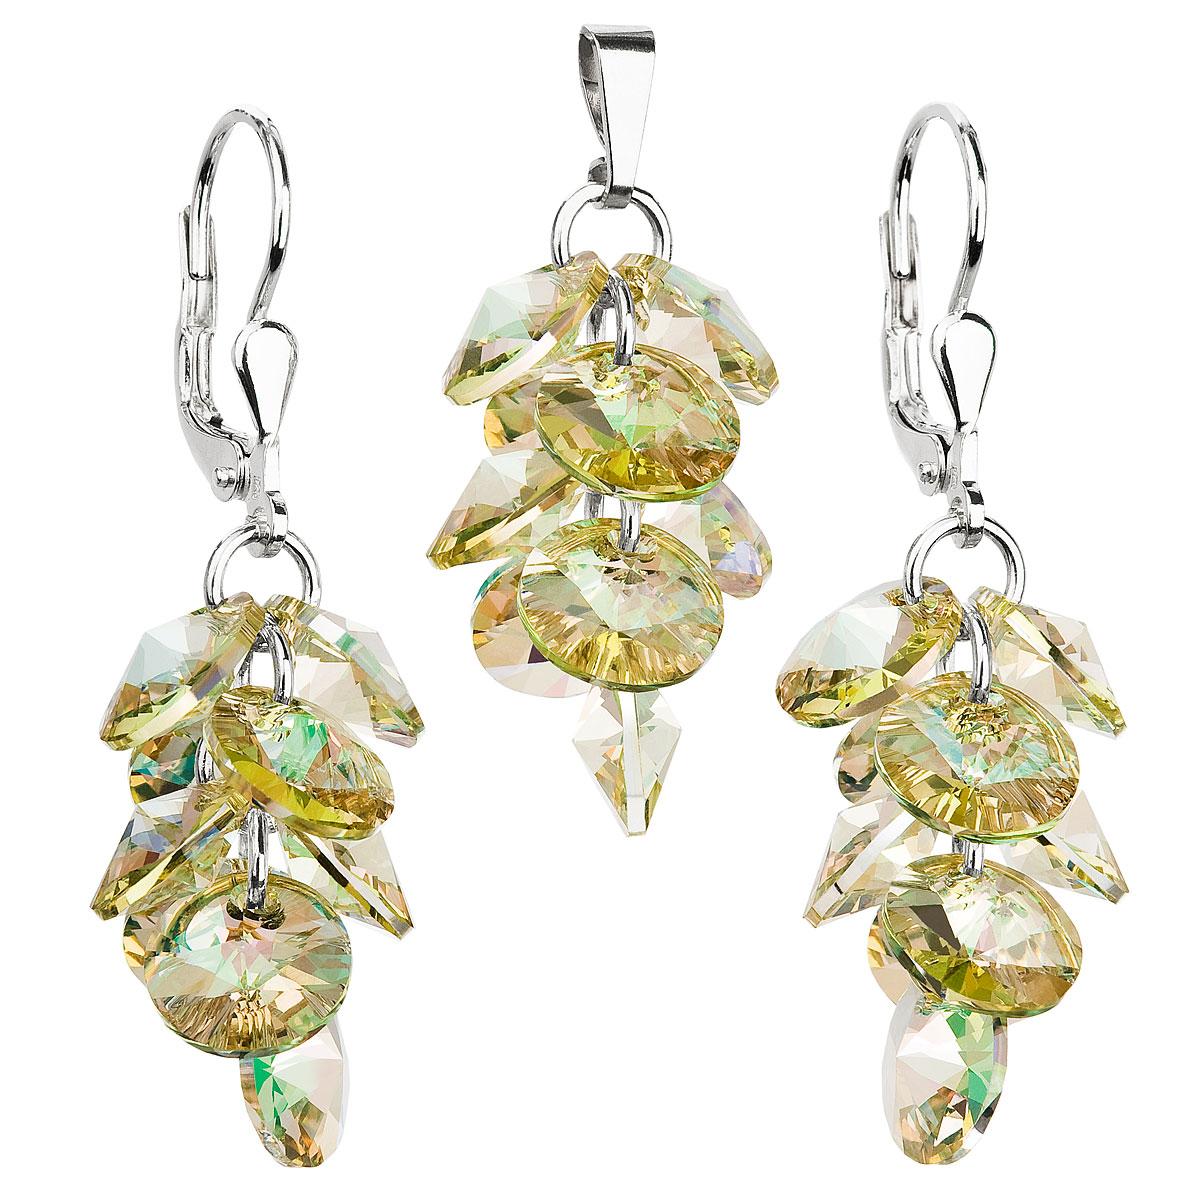 Sada šperků s krystaly Swarovski náušnice a přívěsek zlatý hrozen 39104.6